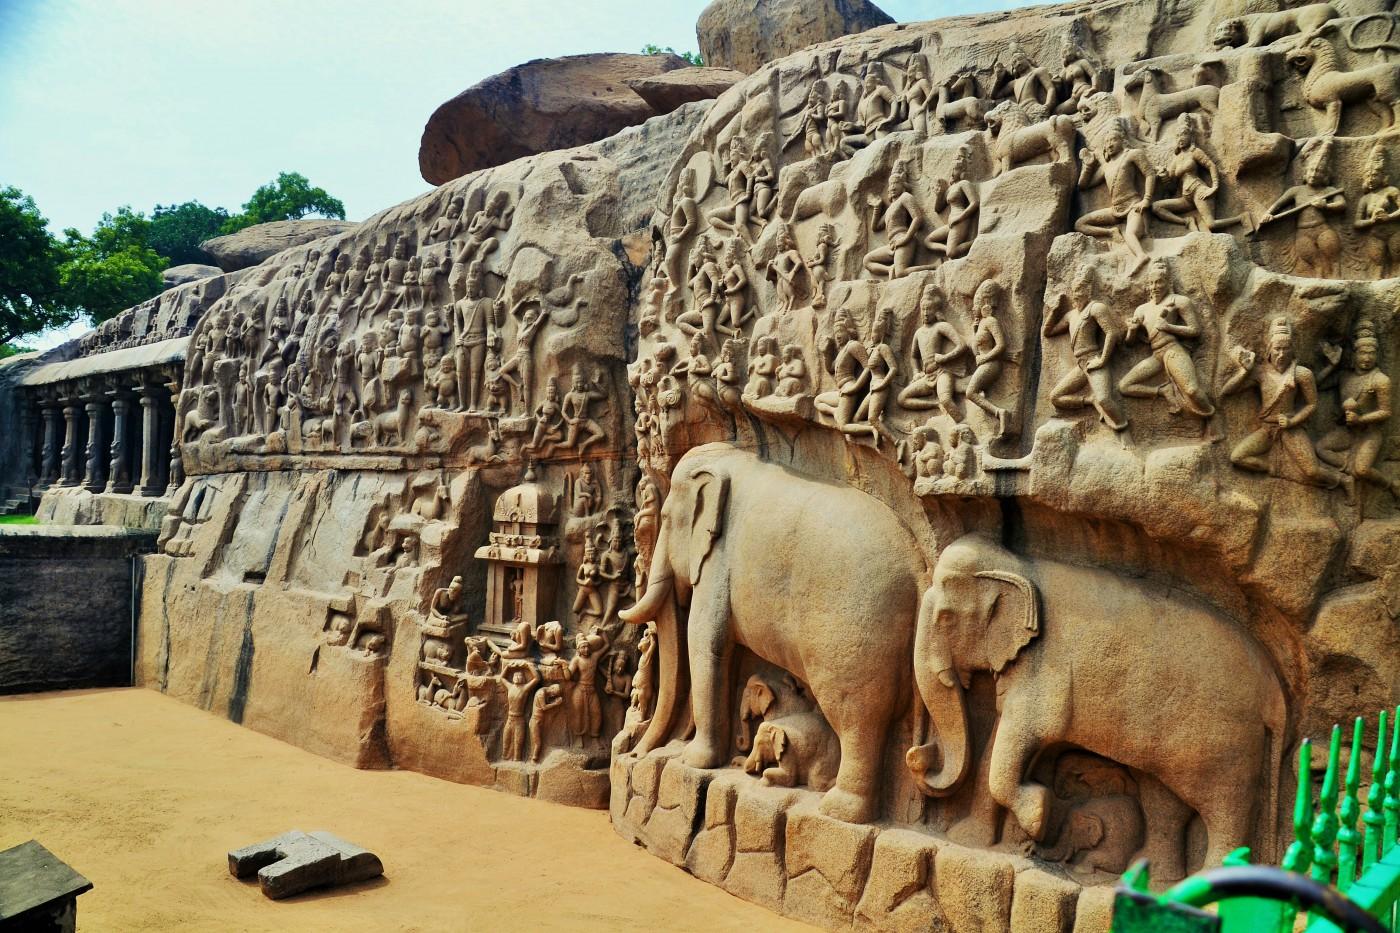 Indien, Chennai, Mahabalipuram